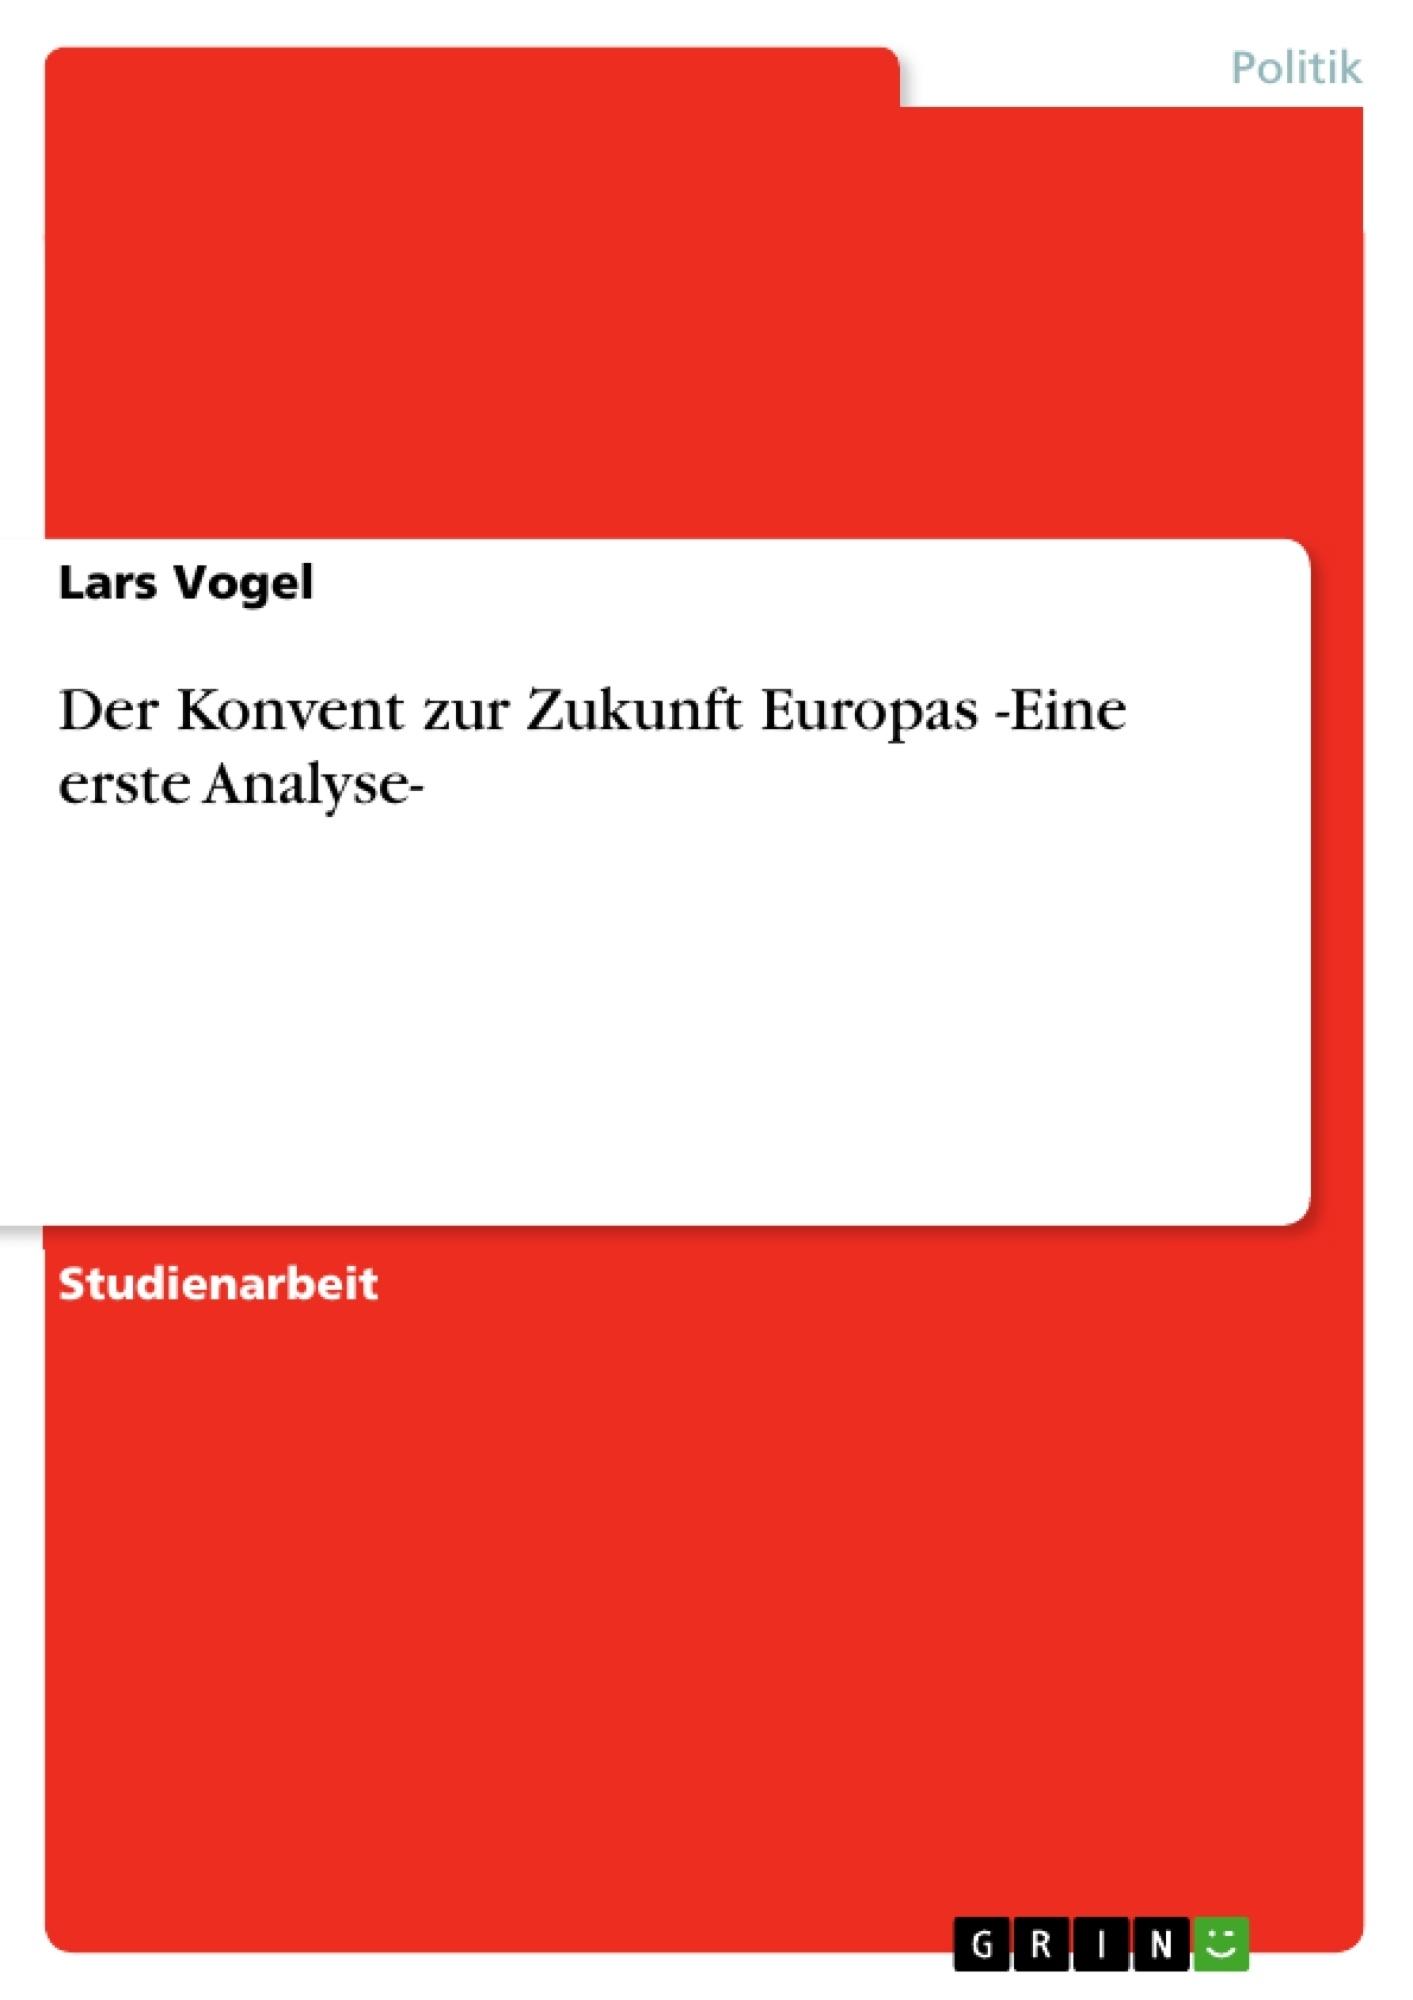 Titel: Der Konvent zur Zukunft Europas -Eine erste Analyse-